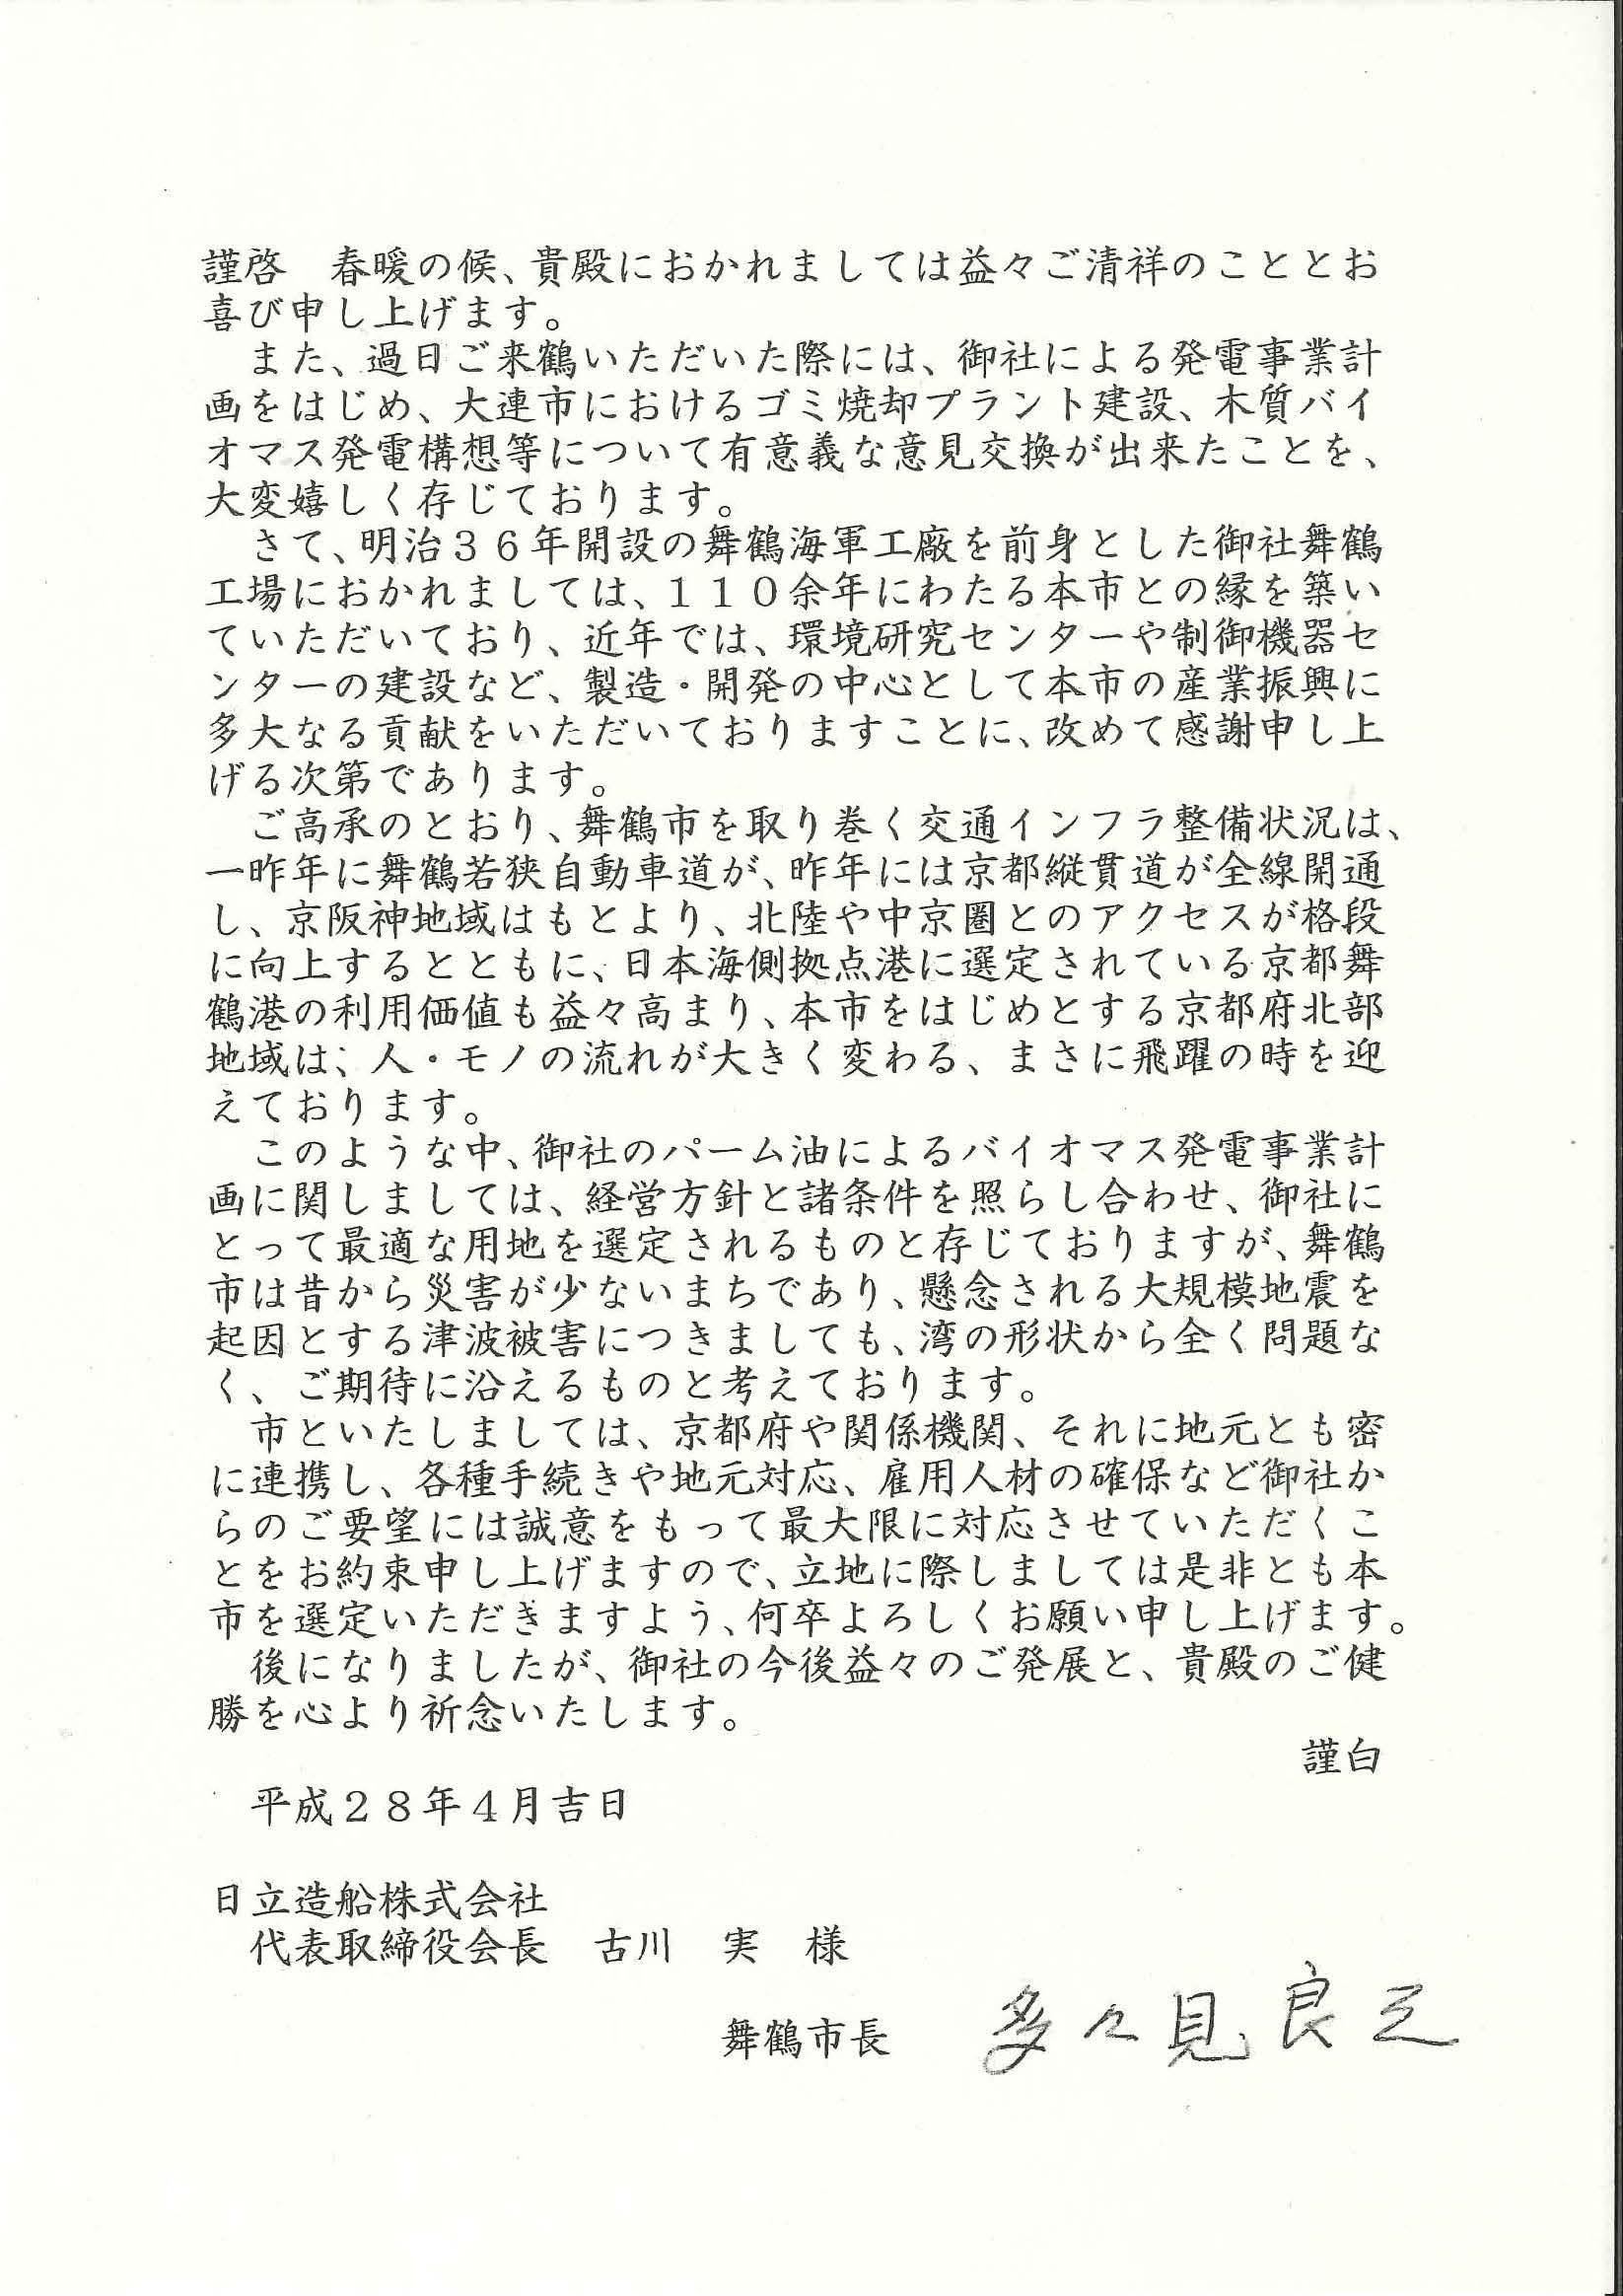 日立造船のパーム油火力発電所を誘致した多々見良三(舞鶴市長)証拠書類